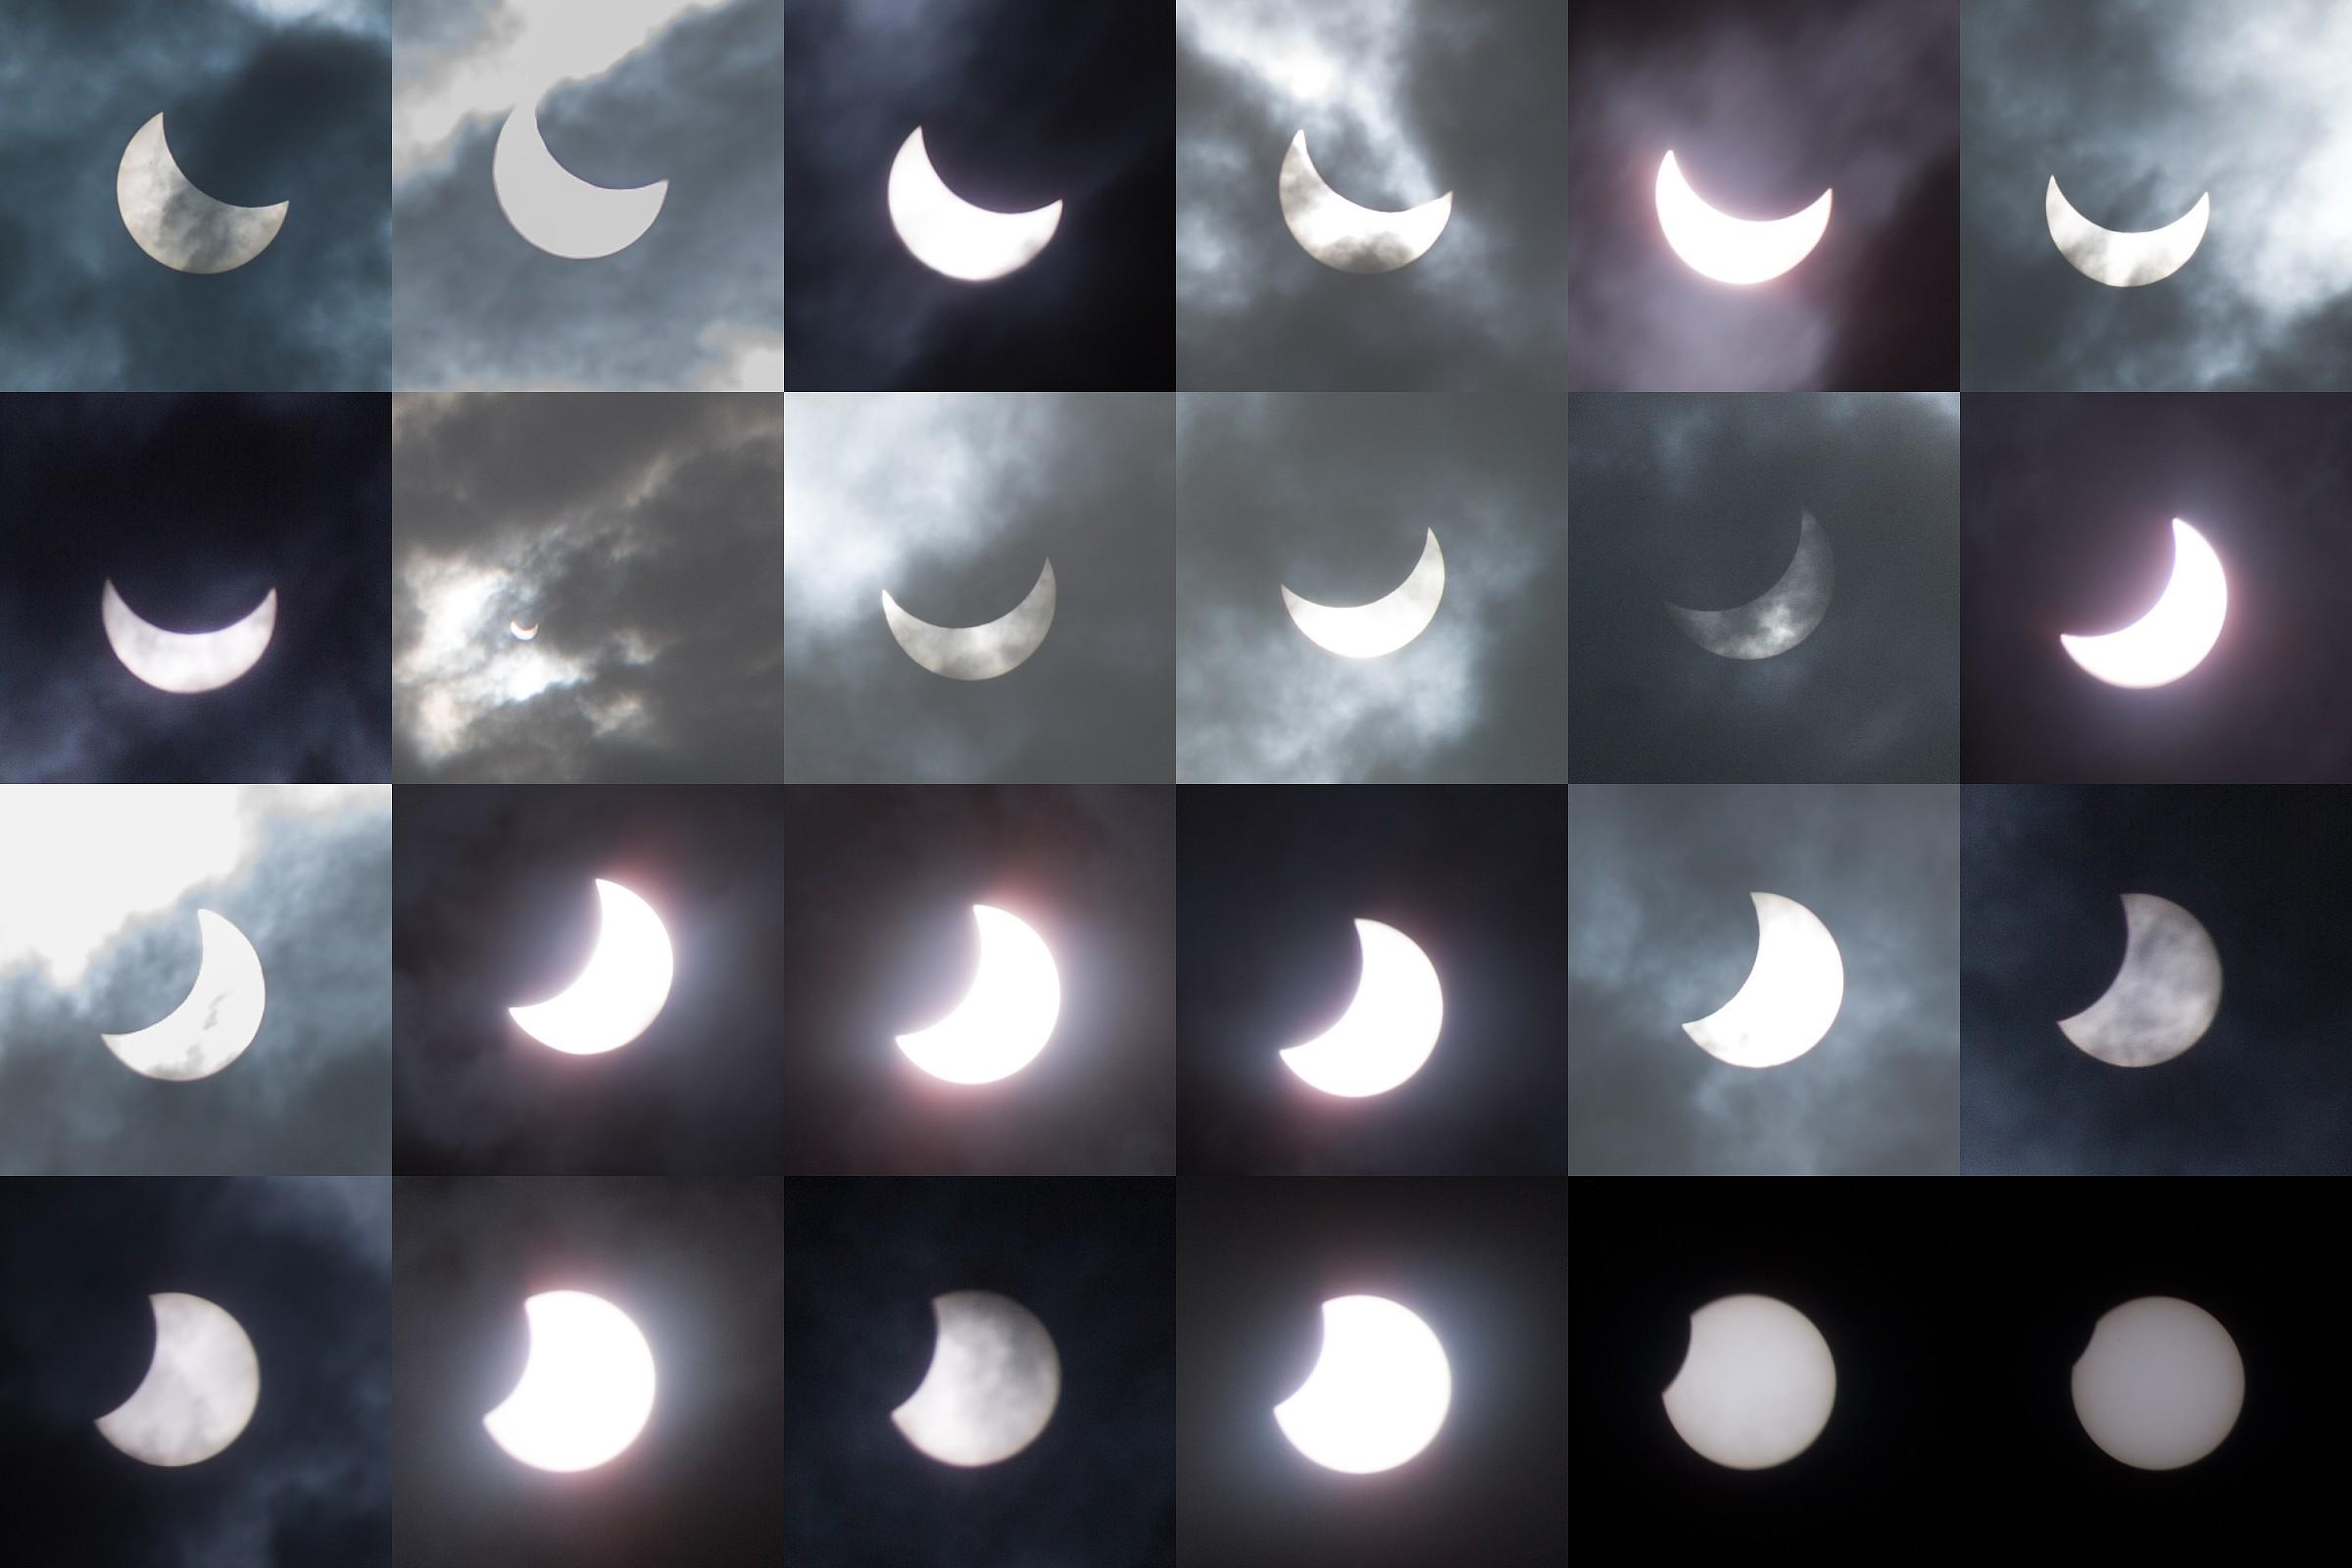 Lunar eclipse 03/20/2015...